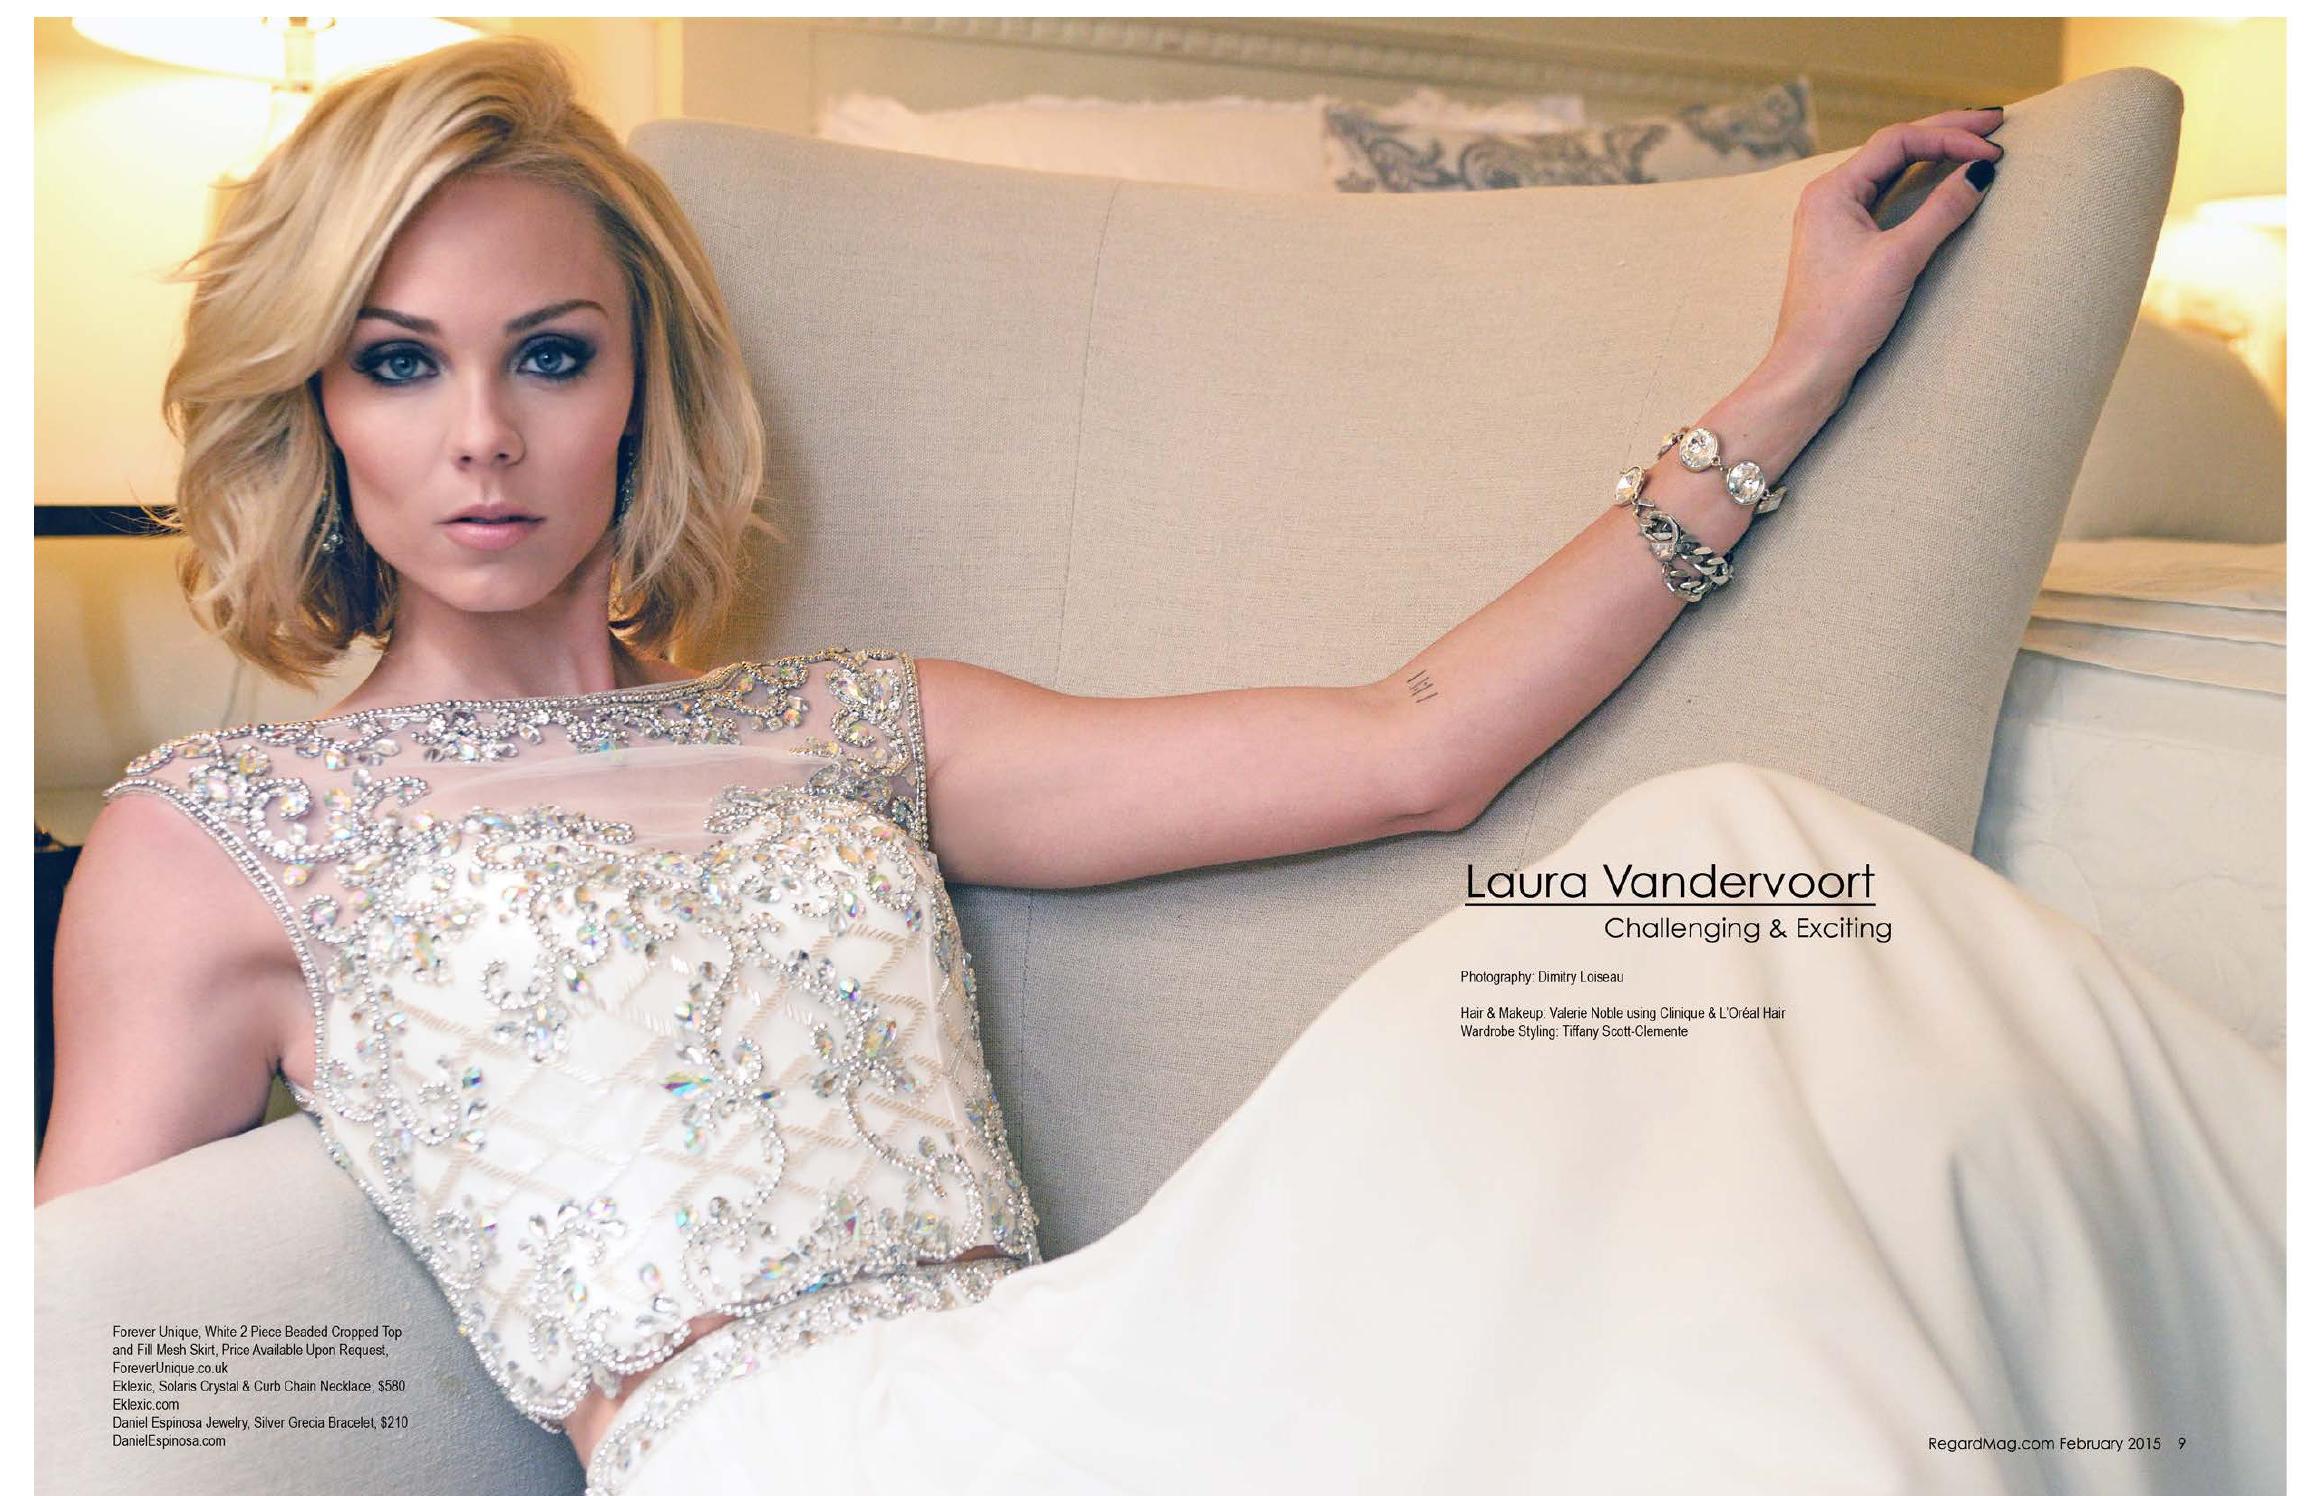 Laura Vandervoort 2015 : Laura Vandervoort: Regard Magazine 2015 -03